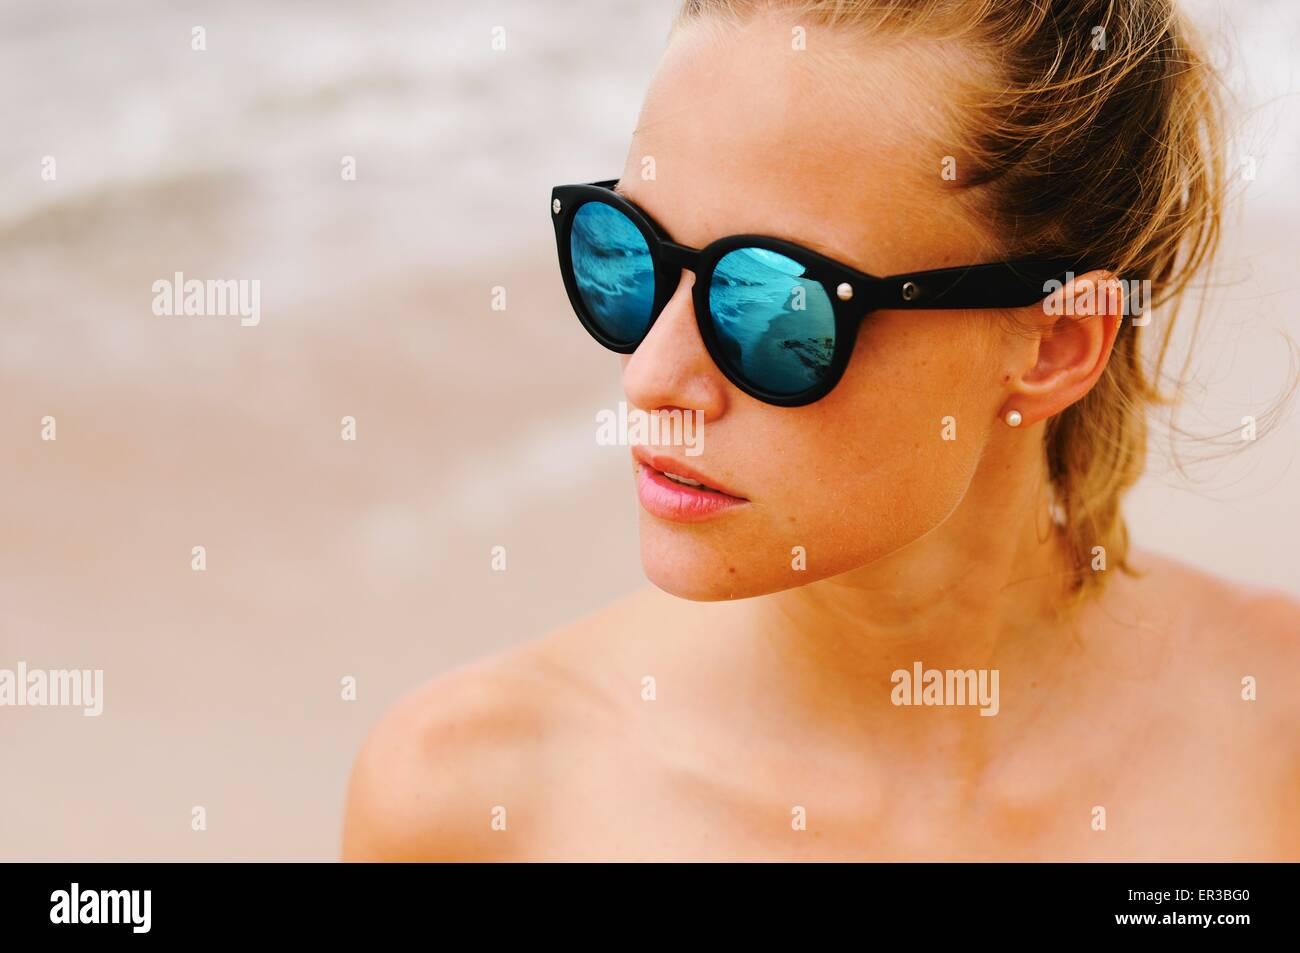 Retrato de una mujer en la playa con gafas de sol Imagen De Stock